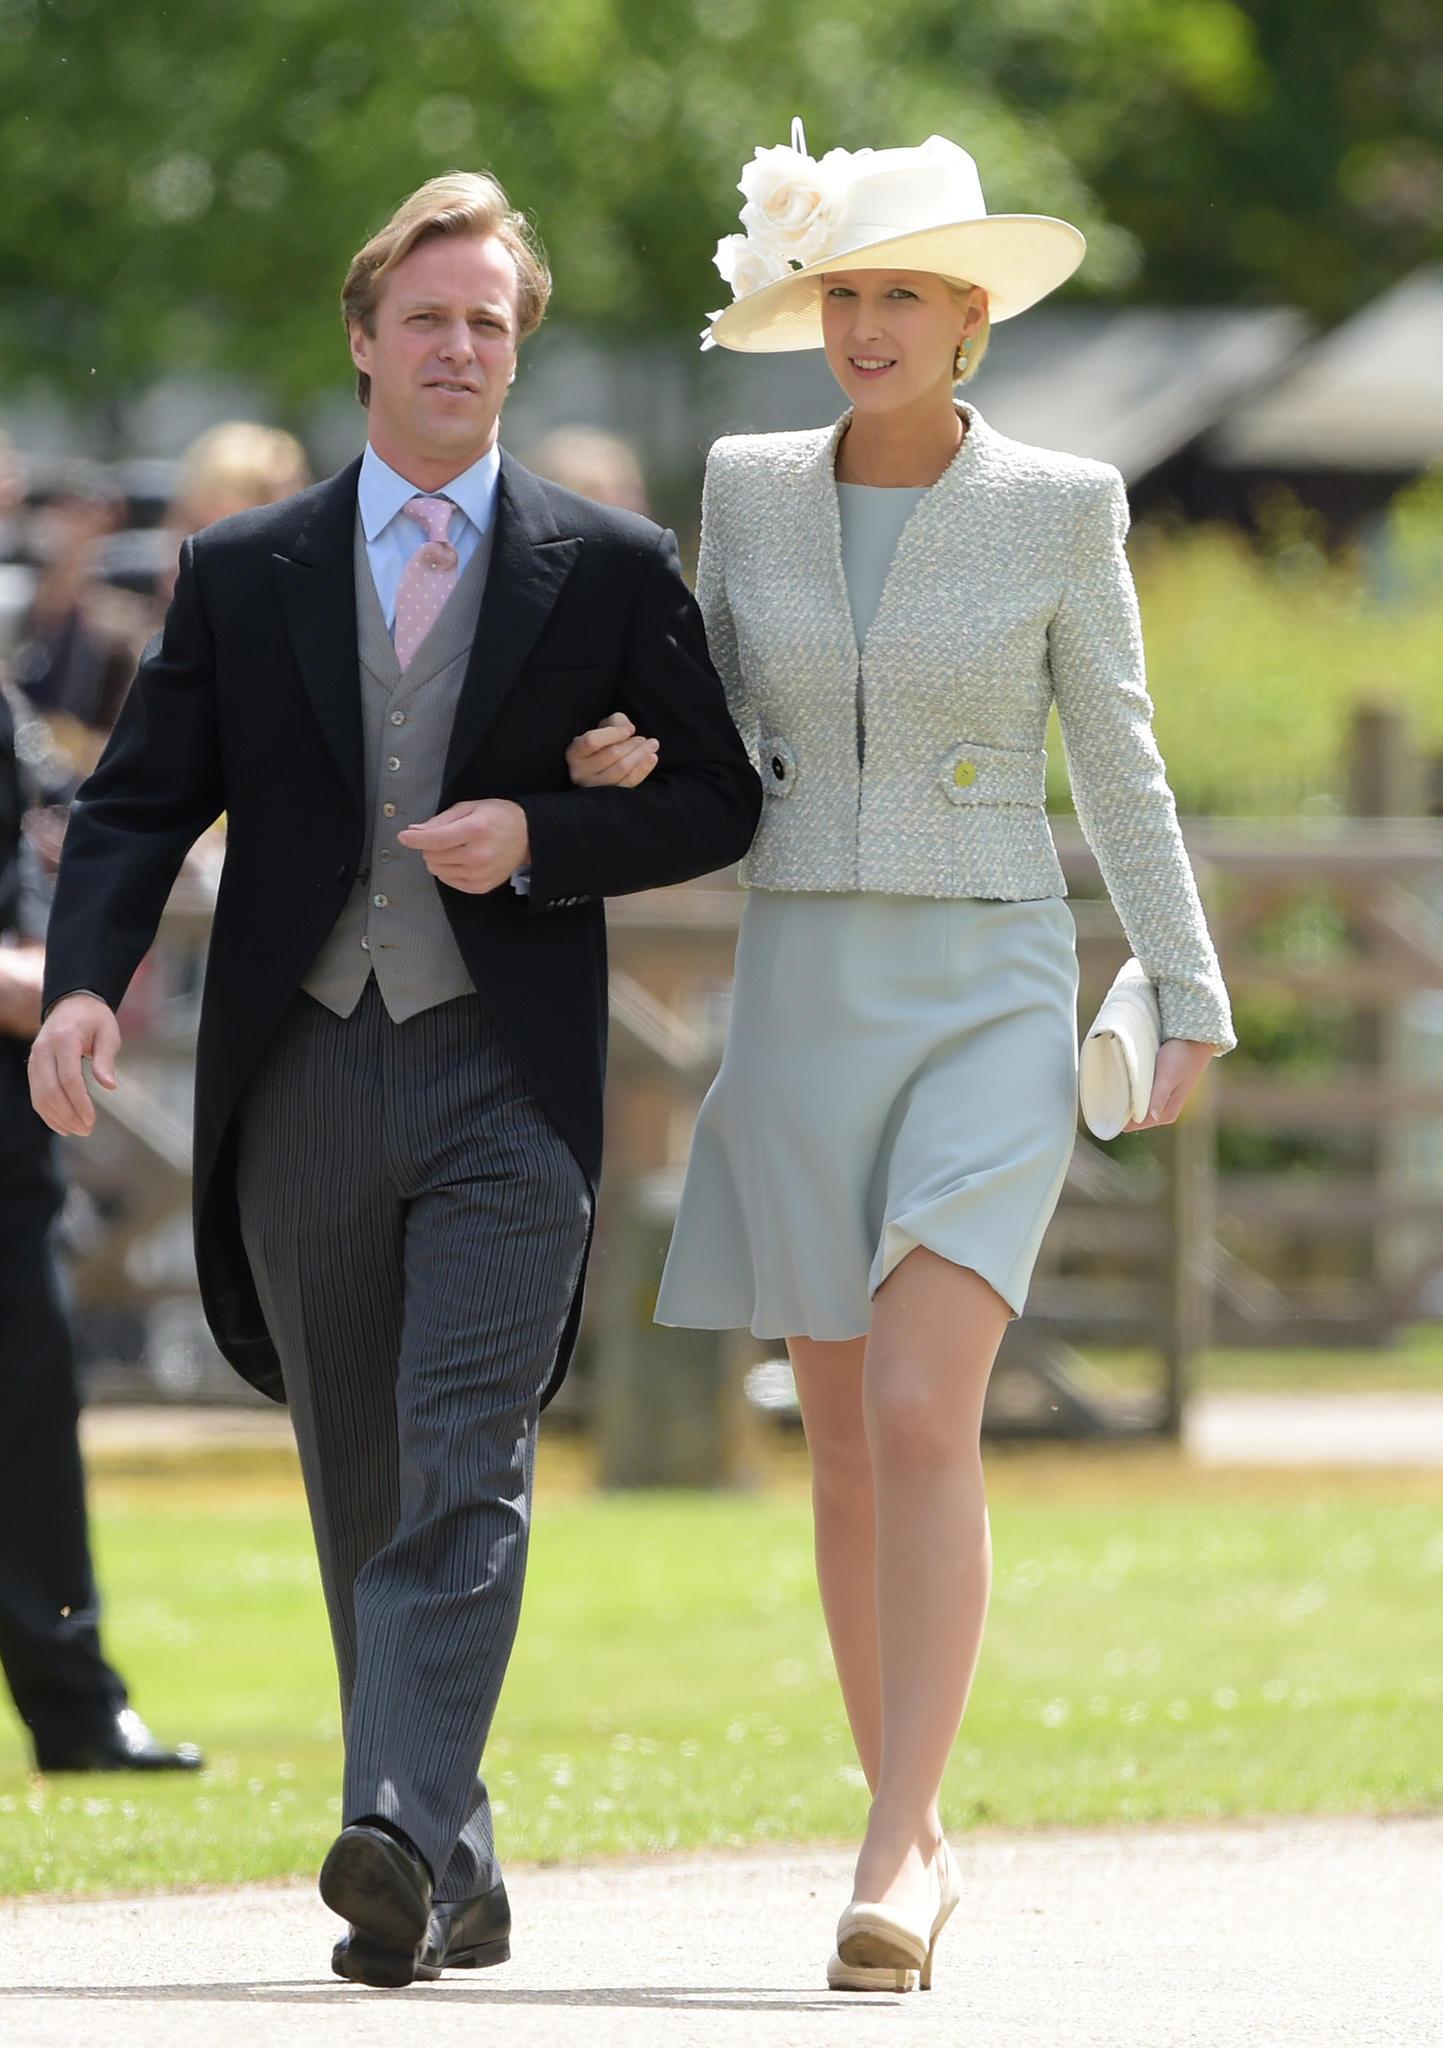 Tom Kingston kommt mit Lady Gabriella Windsor zur Hochzeit von seiner Ex-Freundin Pippa